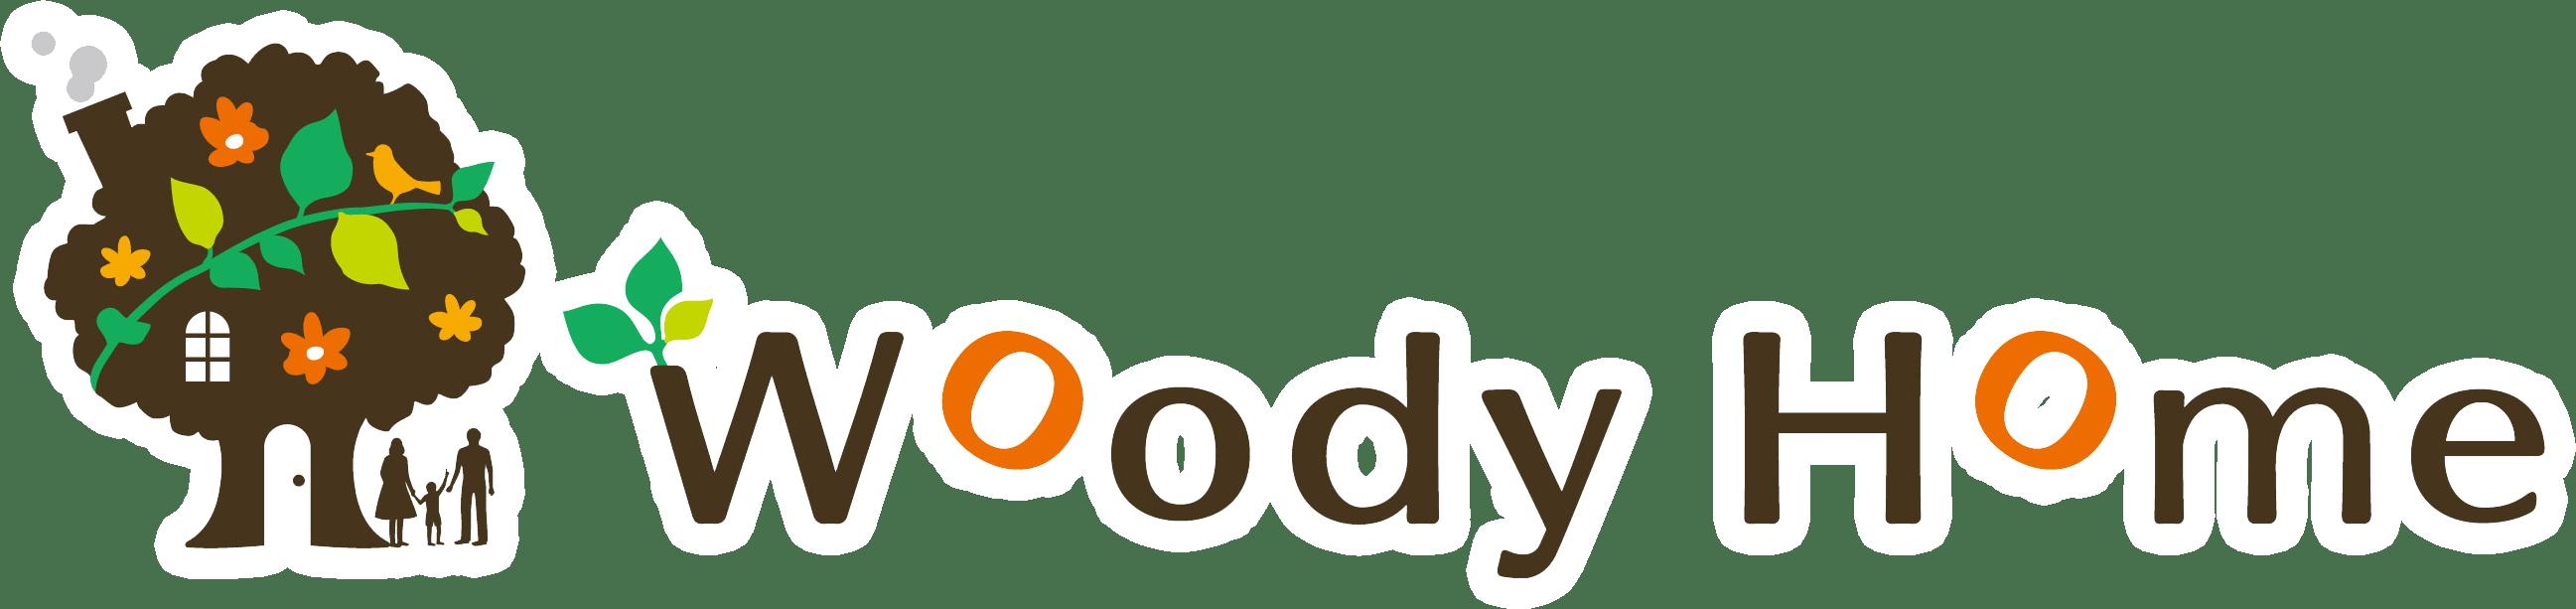 株式会社Woody Home